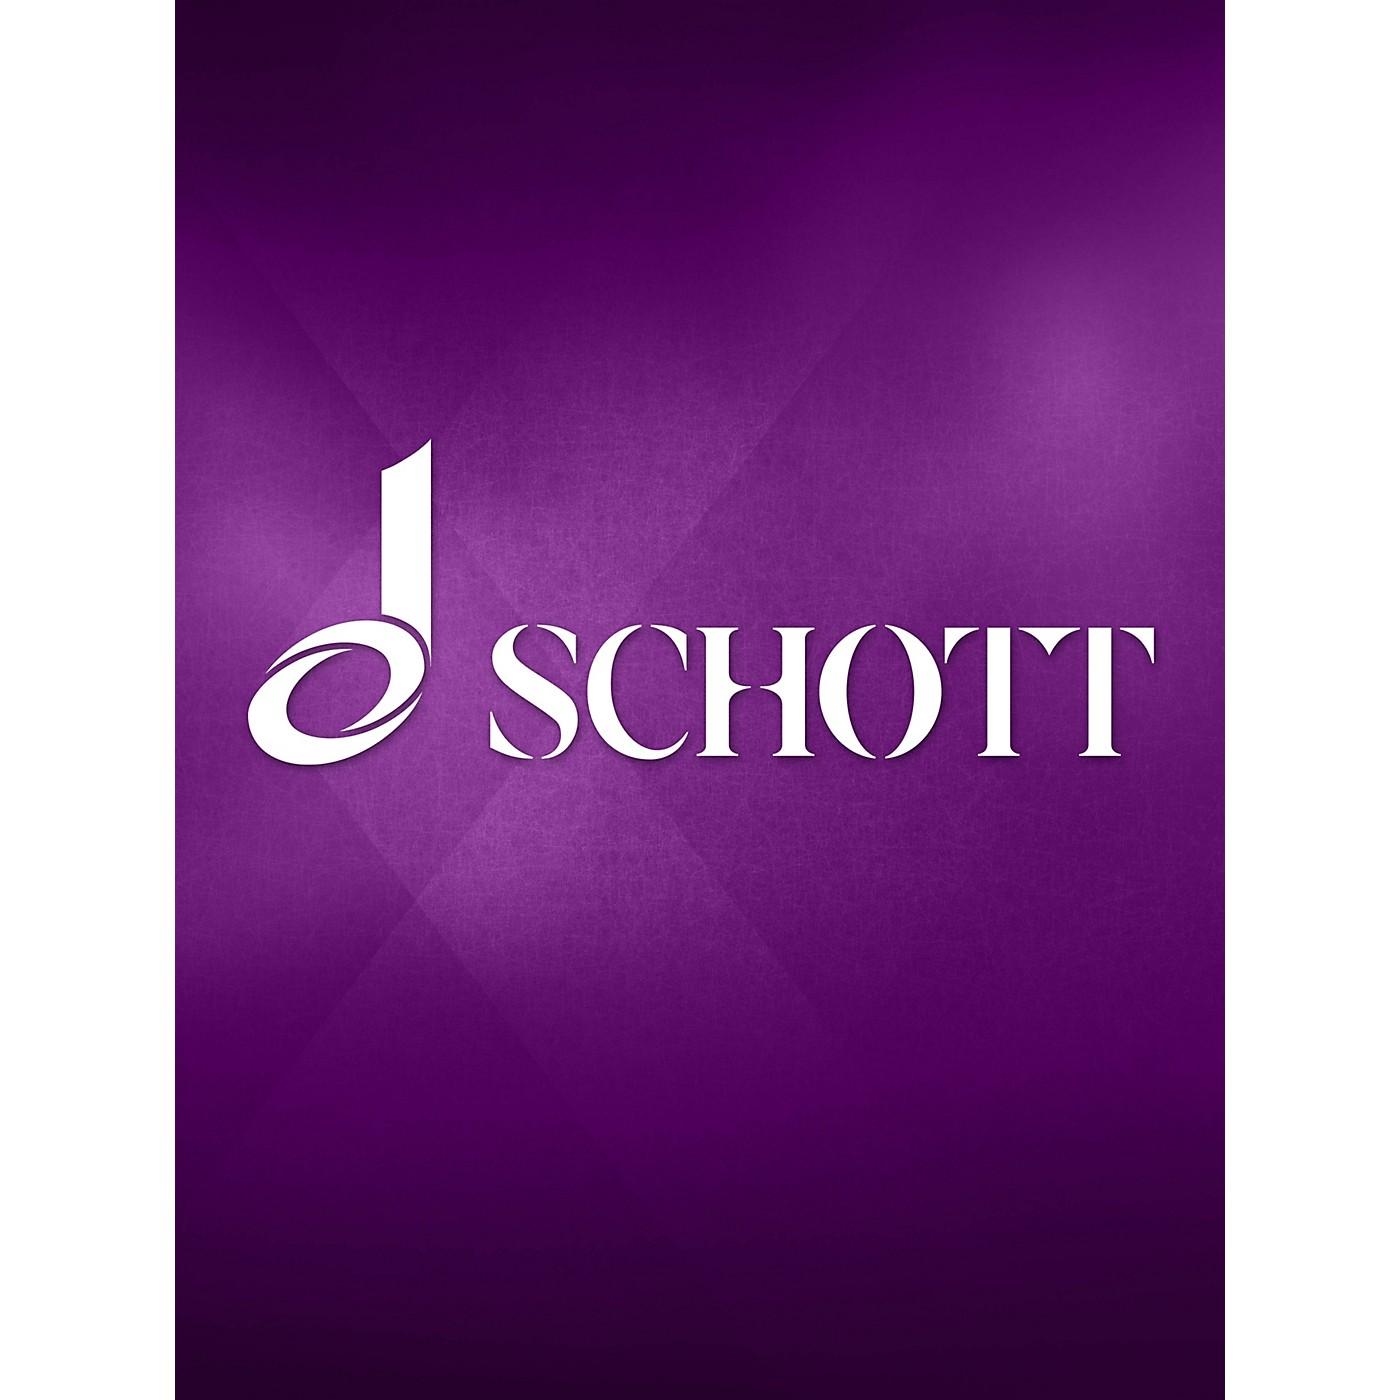 Mobart Music Publications/Schott Helicon Quintet After La Jeune Parque (Score) Schott Series Softcover by Pierre Chan thumbnail